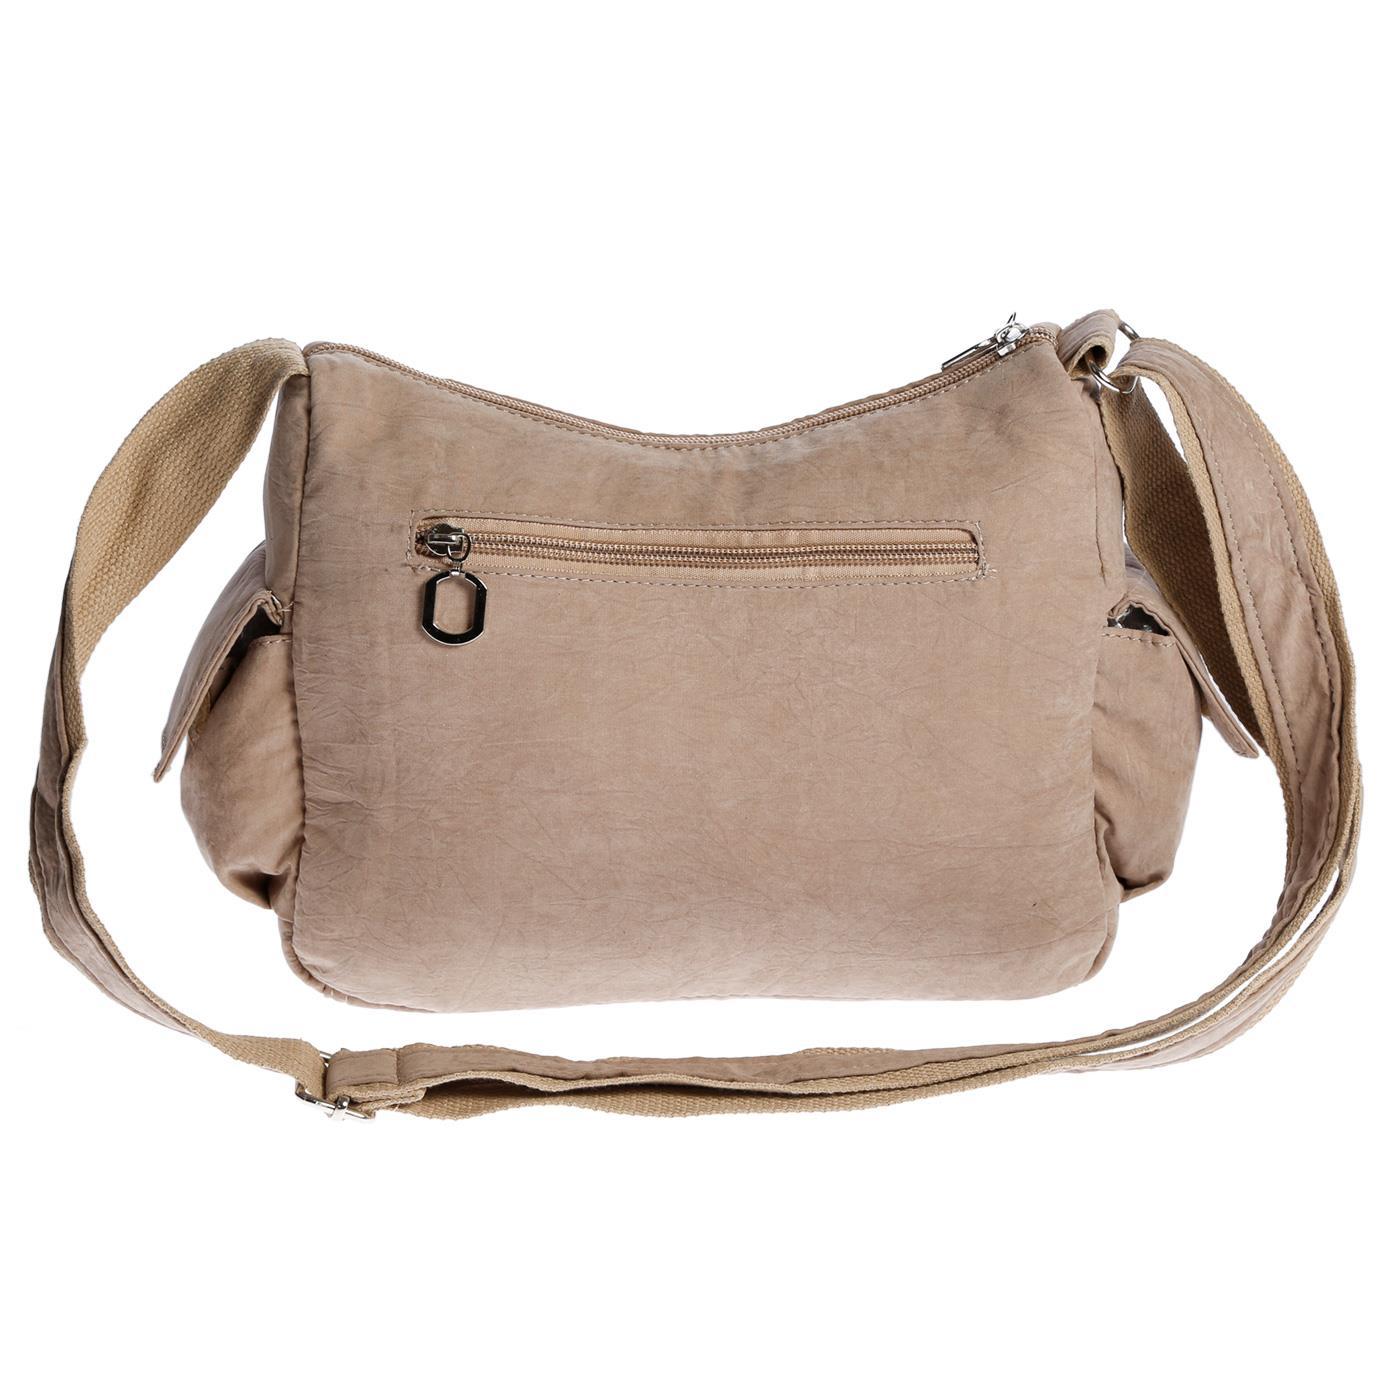 Damenhandtasche-Schultertasche-Tasche-Umhaengetasche-Canvas-Shopper-Crossover-Bag Indexbild 34